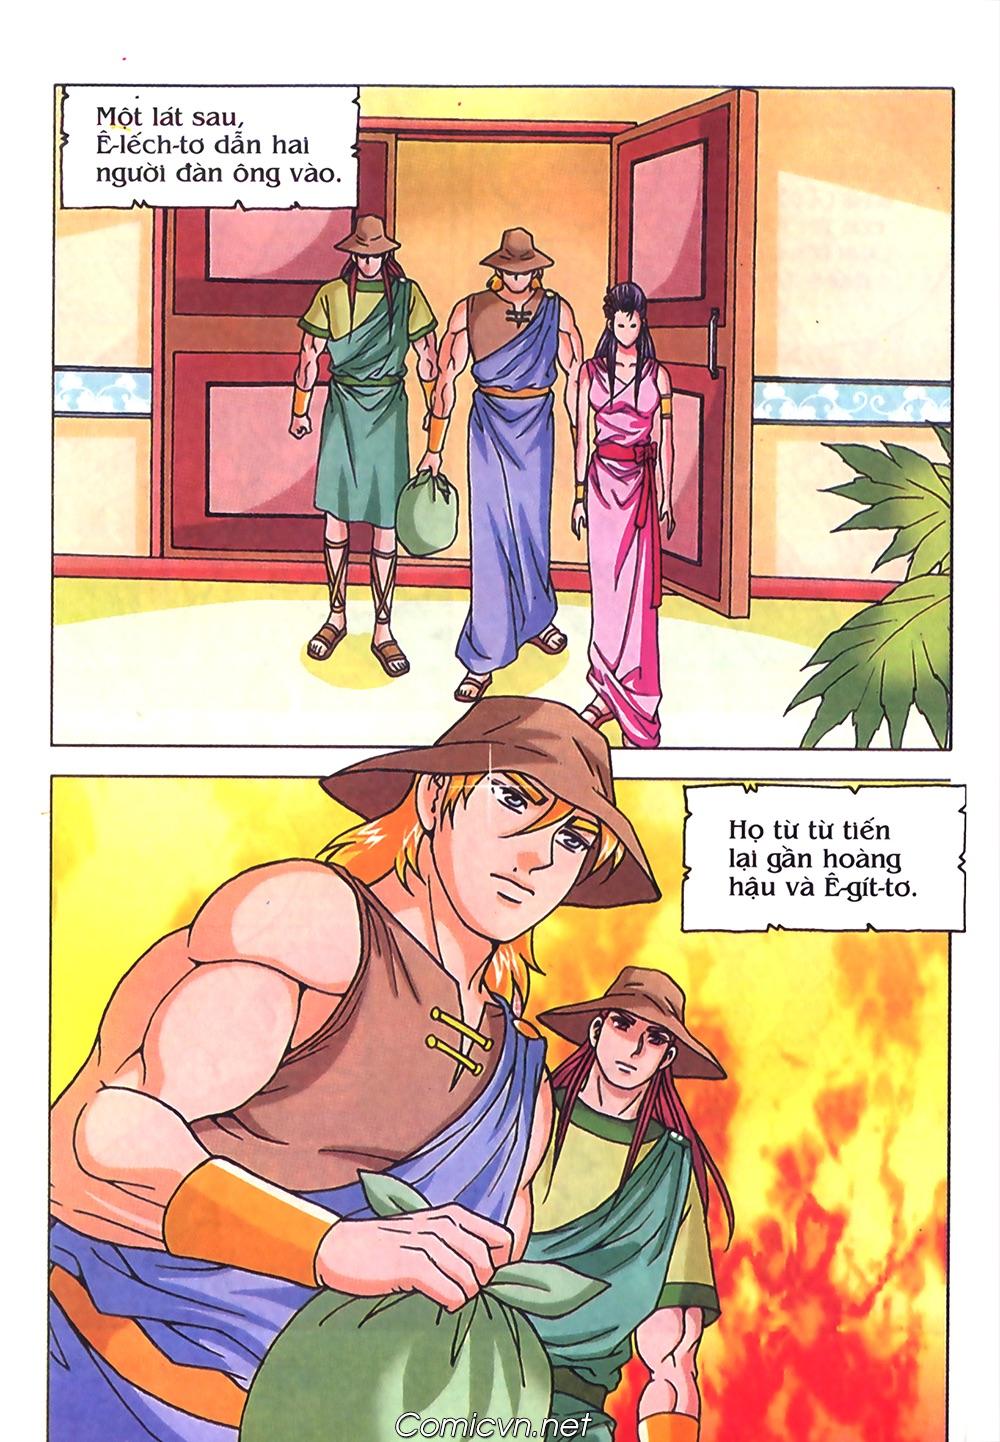 Thần Thoại Hy Lạp Màu - Chapter 71: Nàng Ê lếch tơ 2 - Pic 11